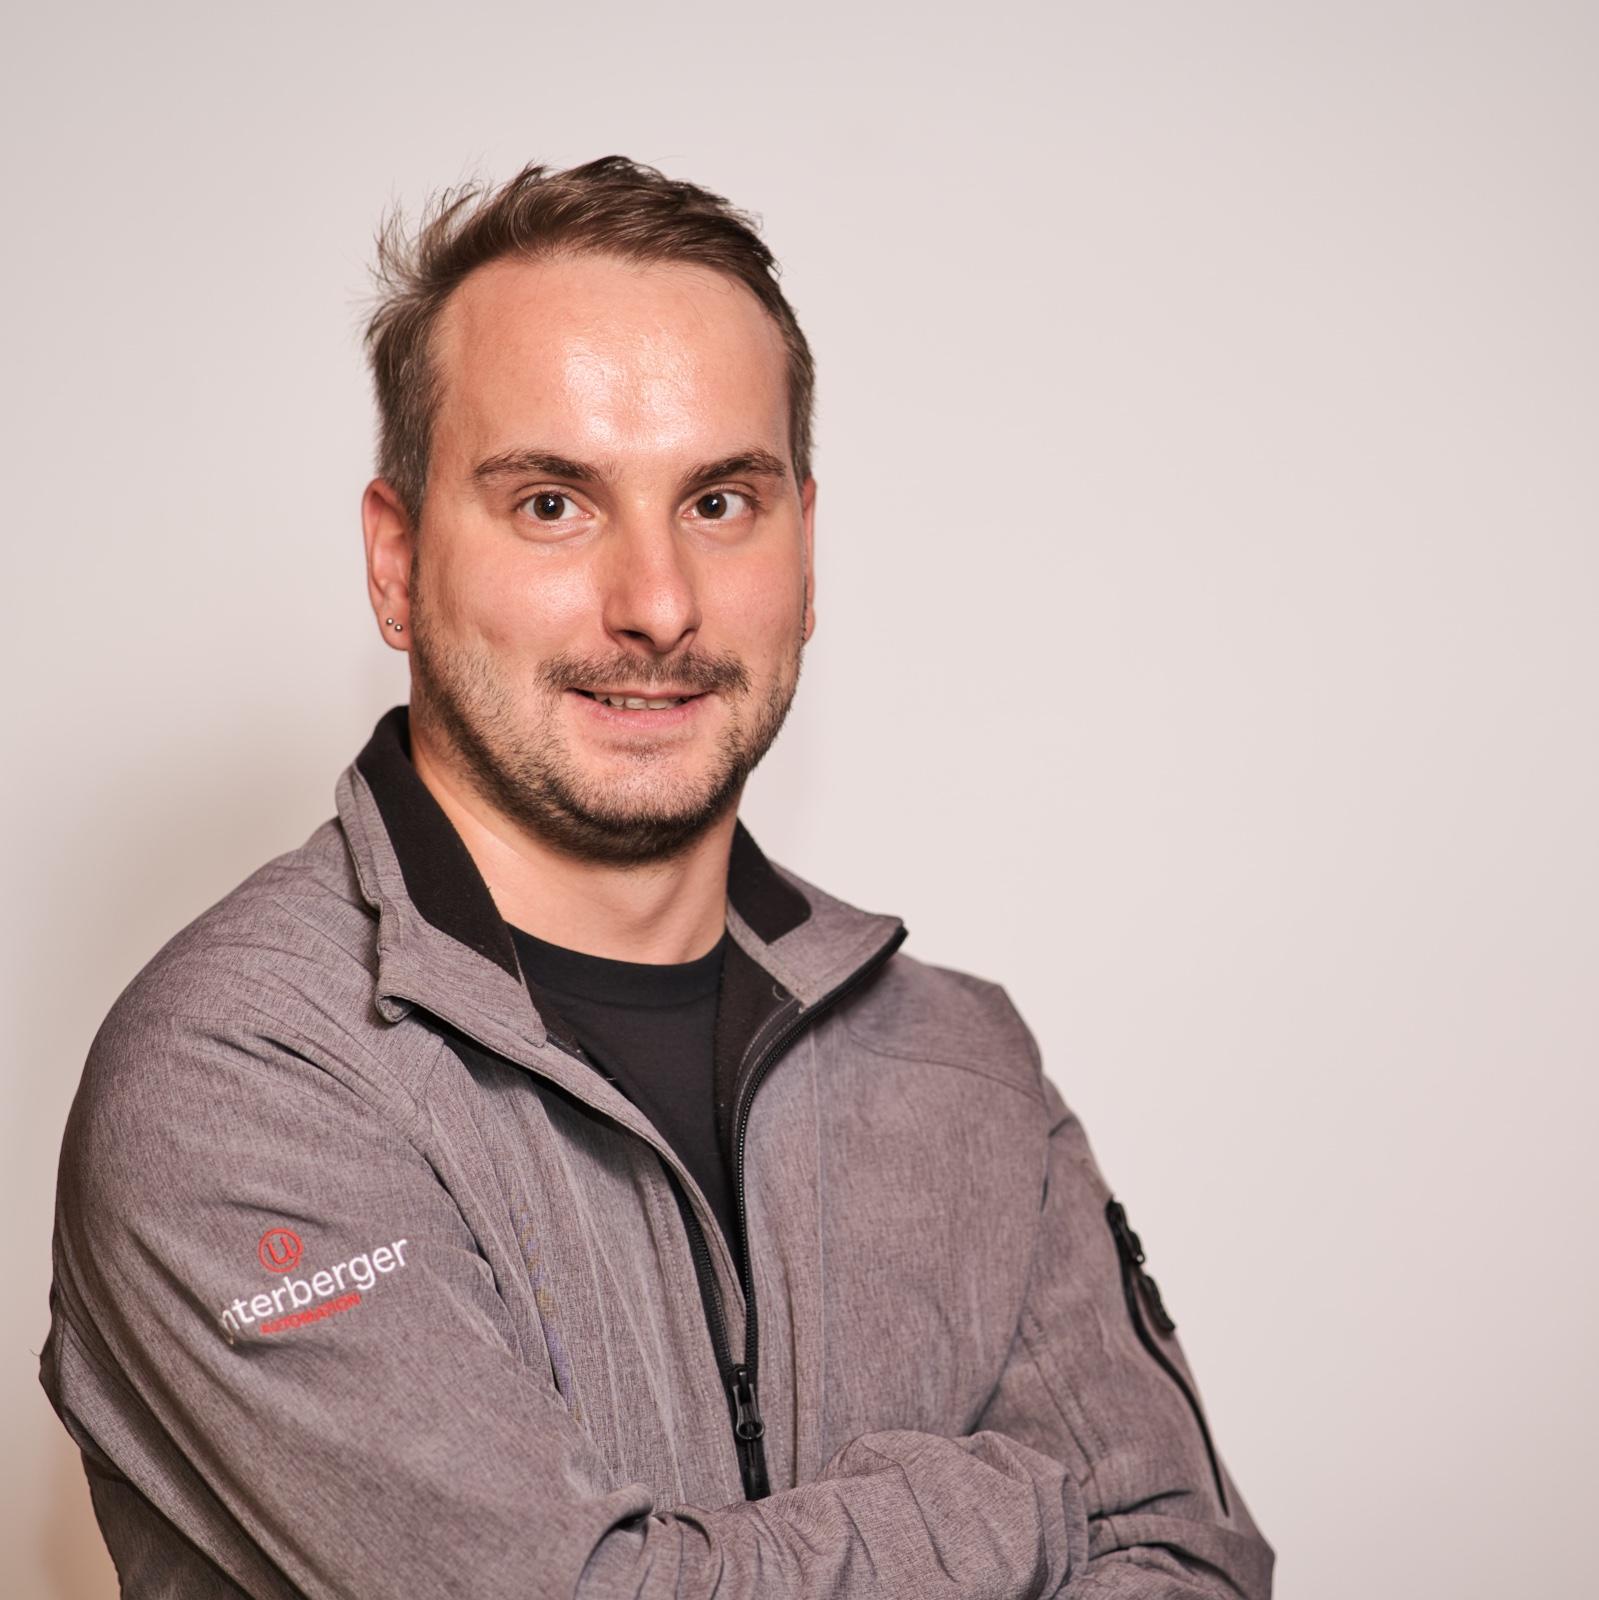 Dennis-Unterberger-GmbH